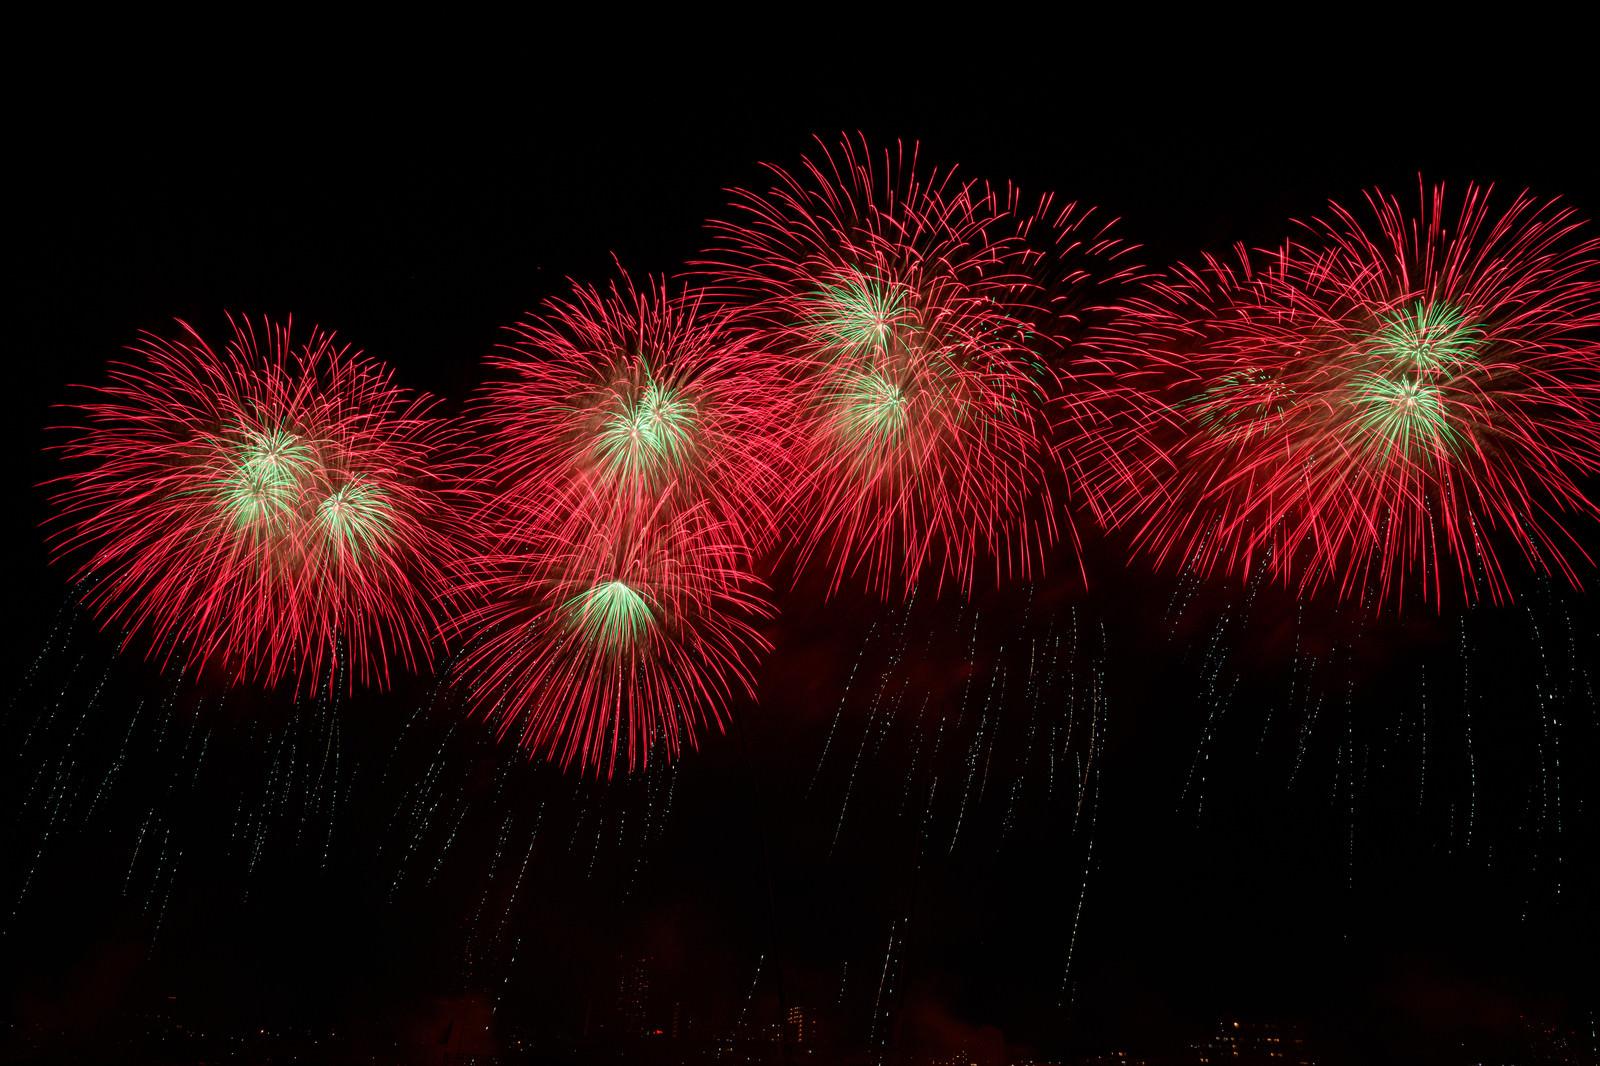 「夜空に流れる赤い打上花火」の写真